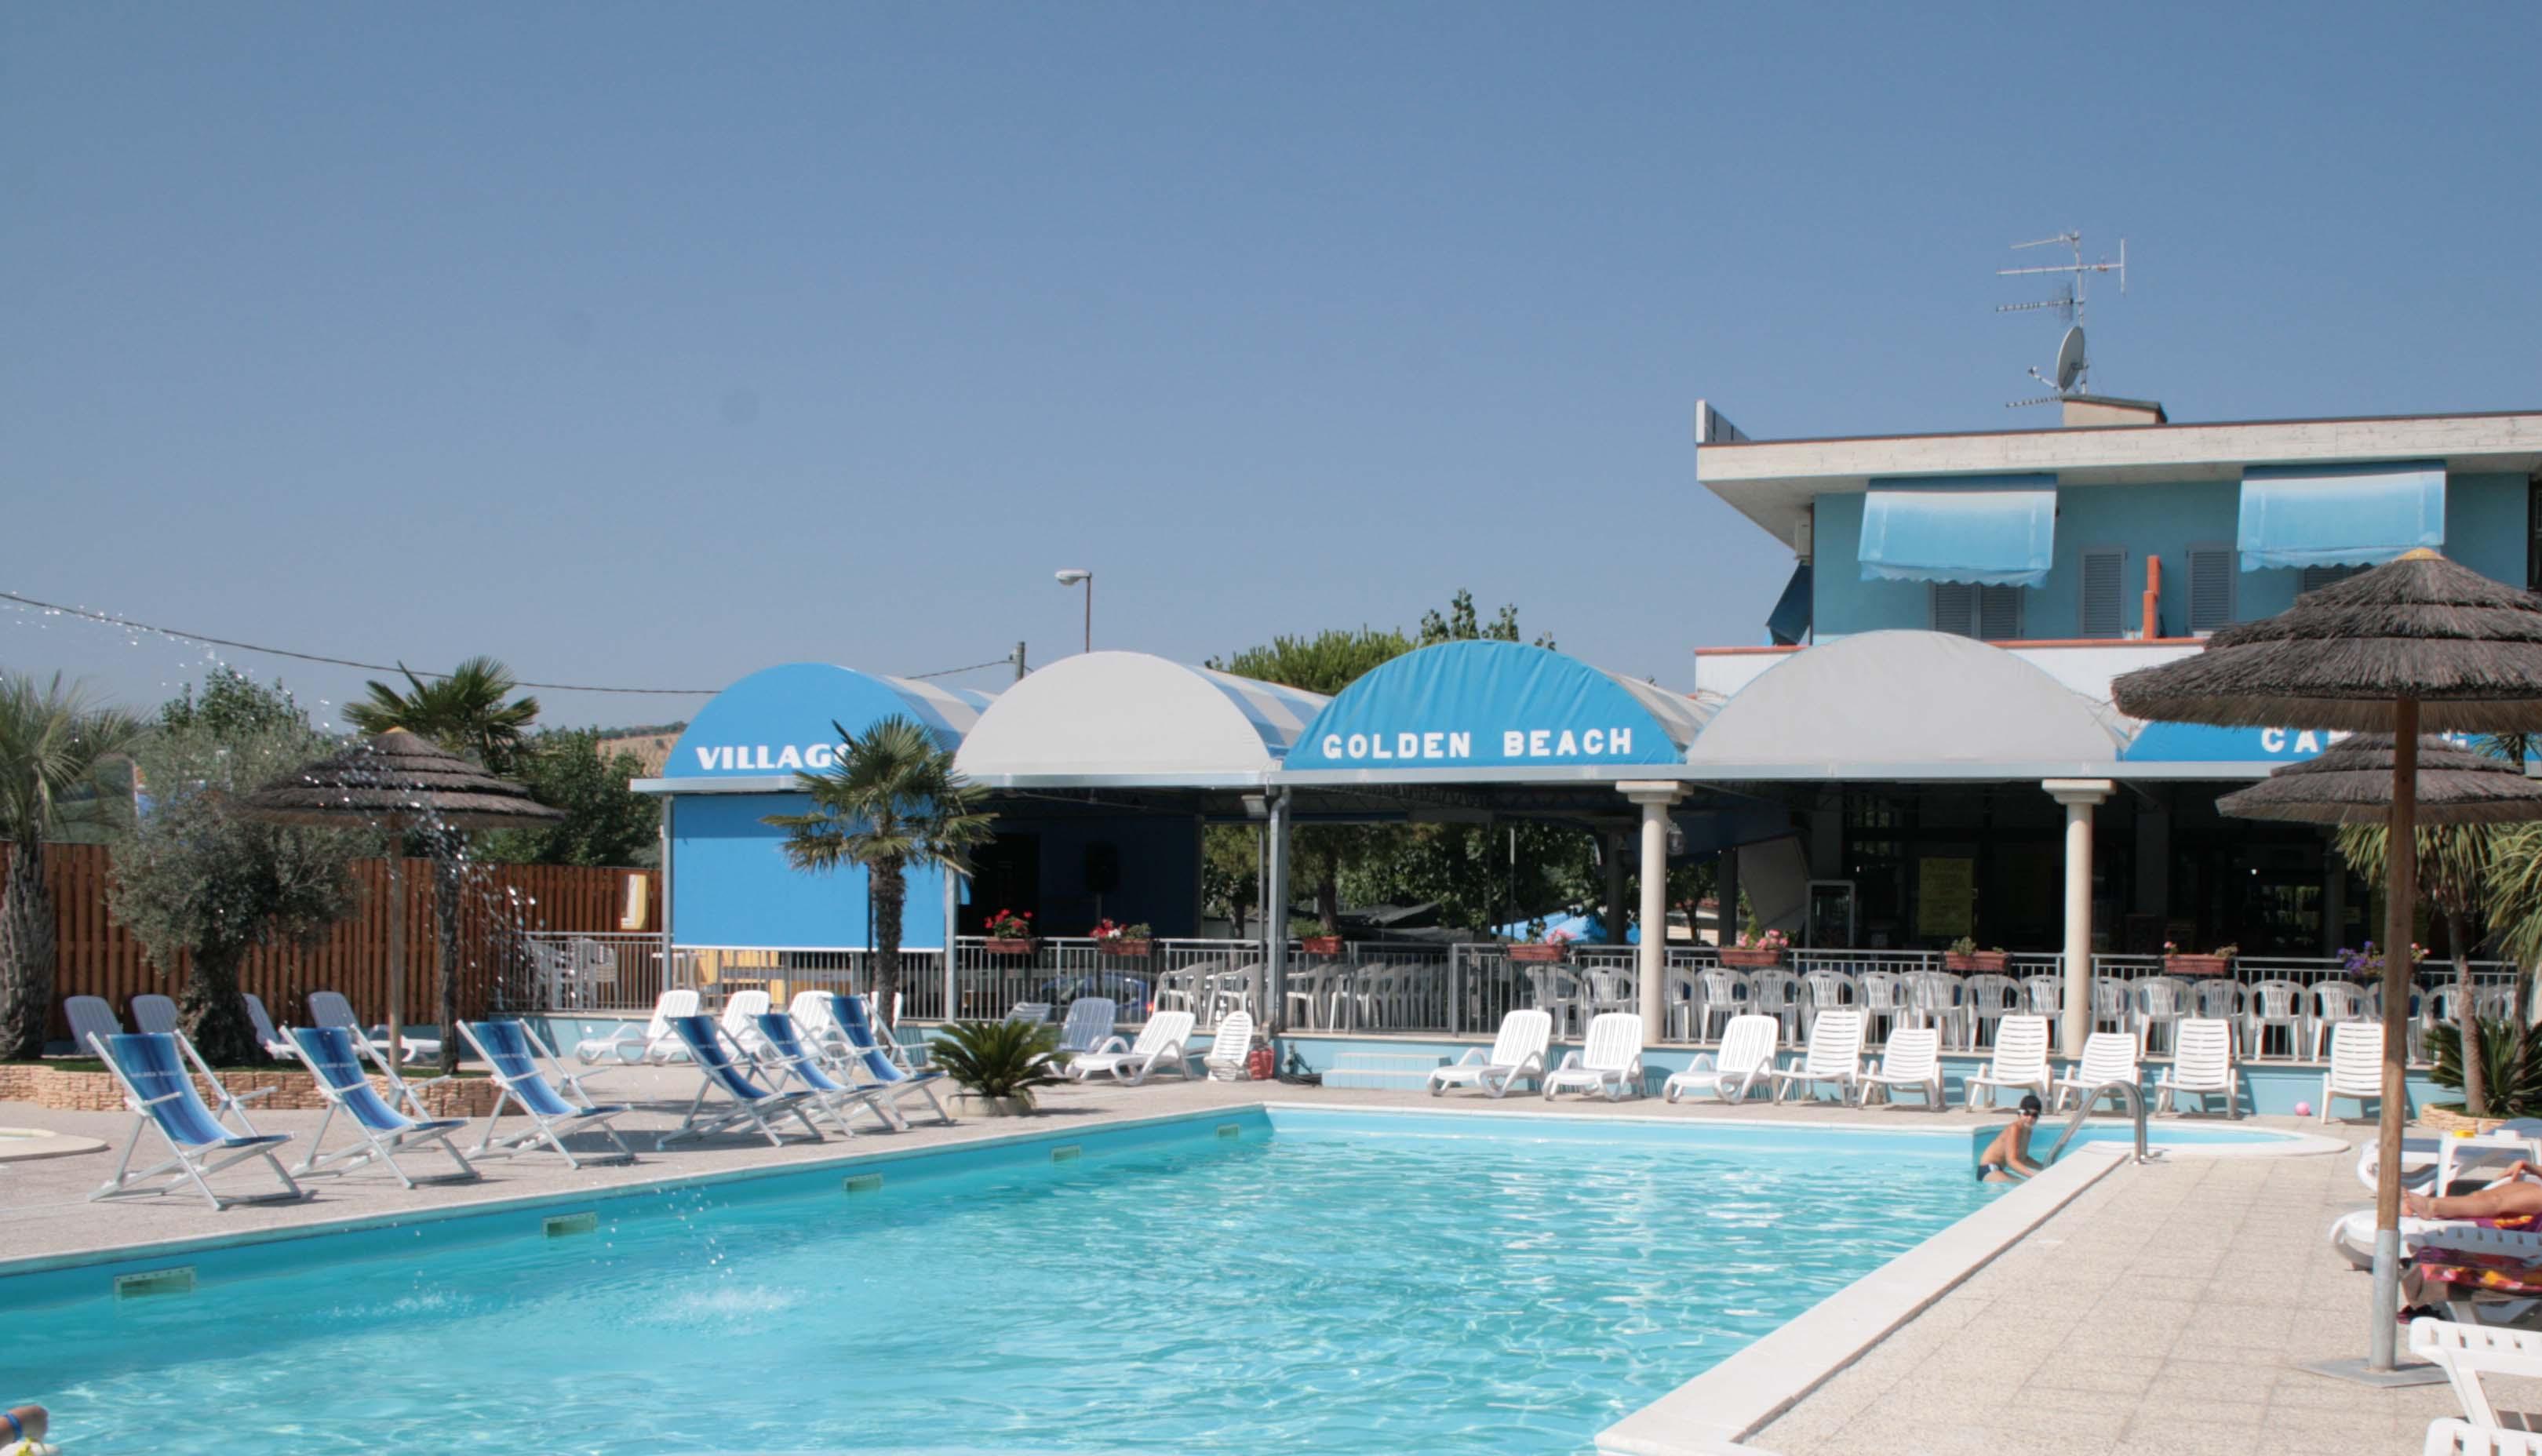 Villaggio golden beach camping village - Camping bagno privato ...